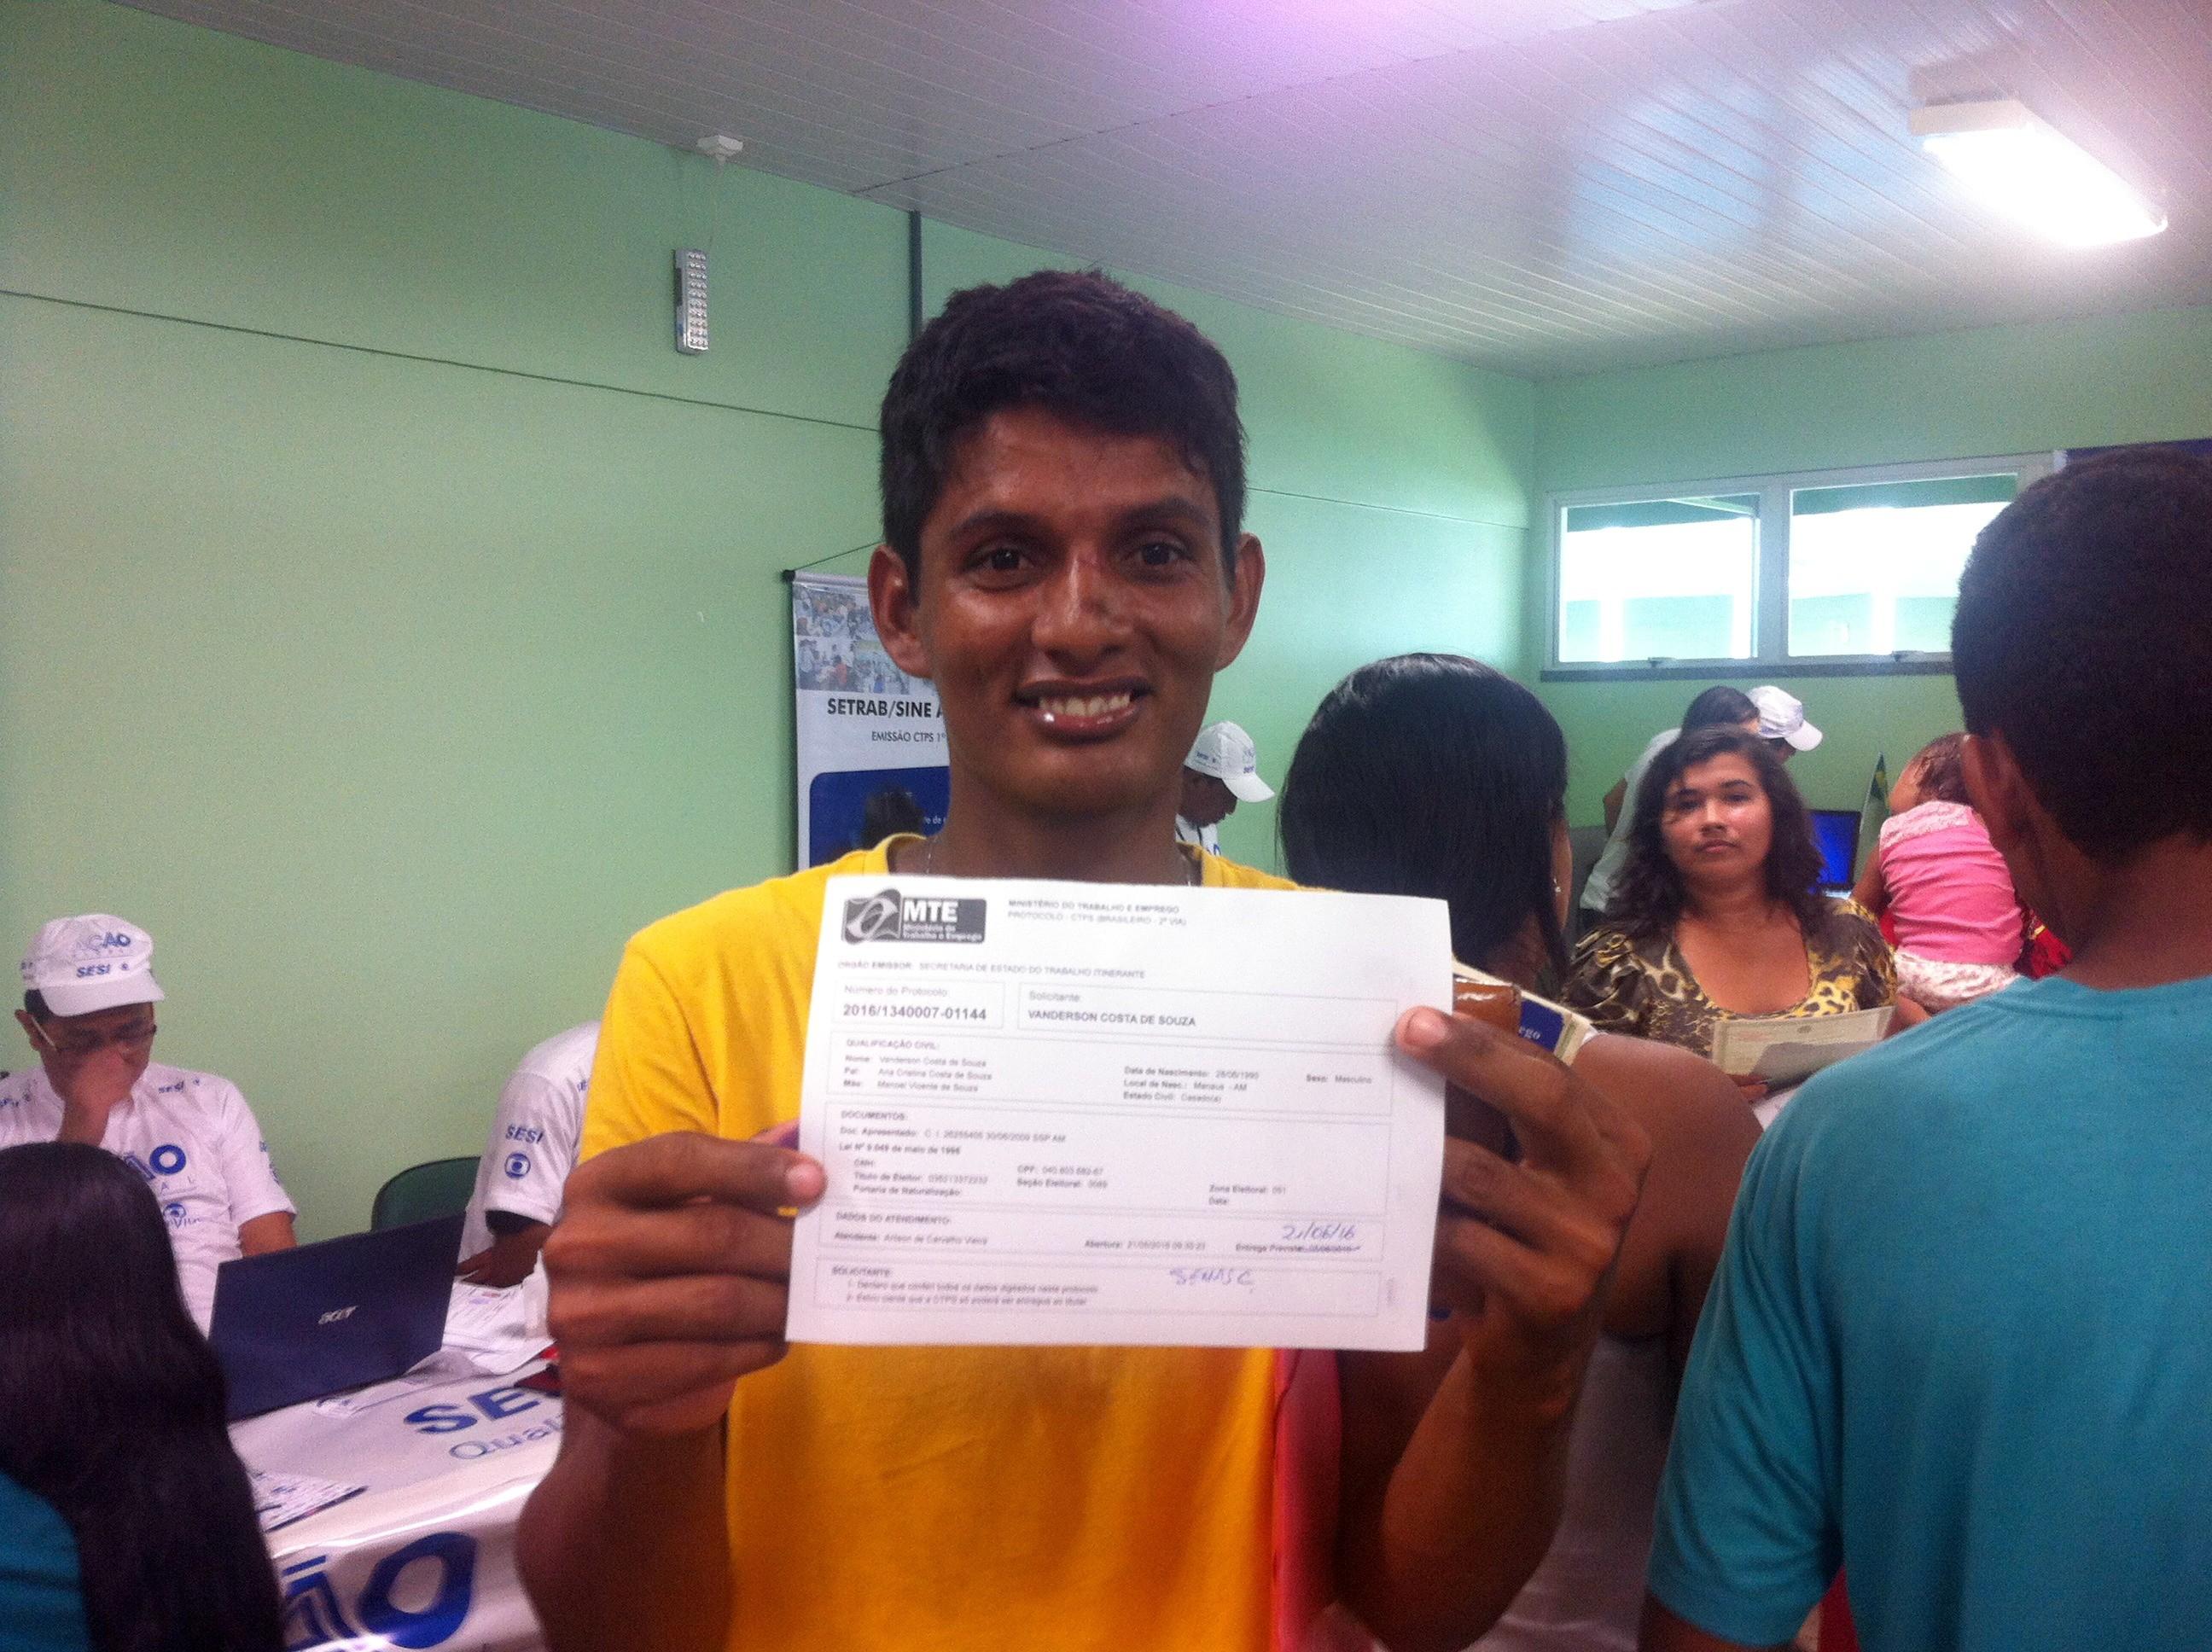 Wanderson saiu feliz por ter adquirido o seu cpf e a carteira de trabalho (Foto: Onofre Martins/Rede Amazônica)